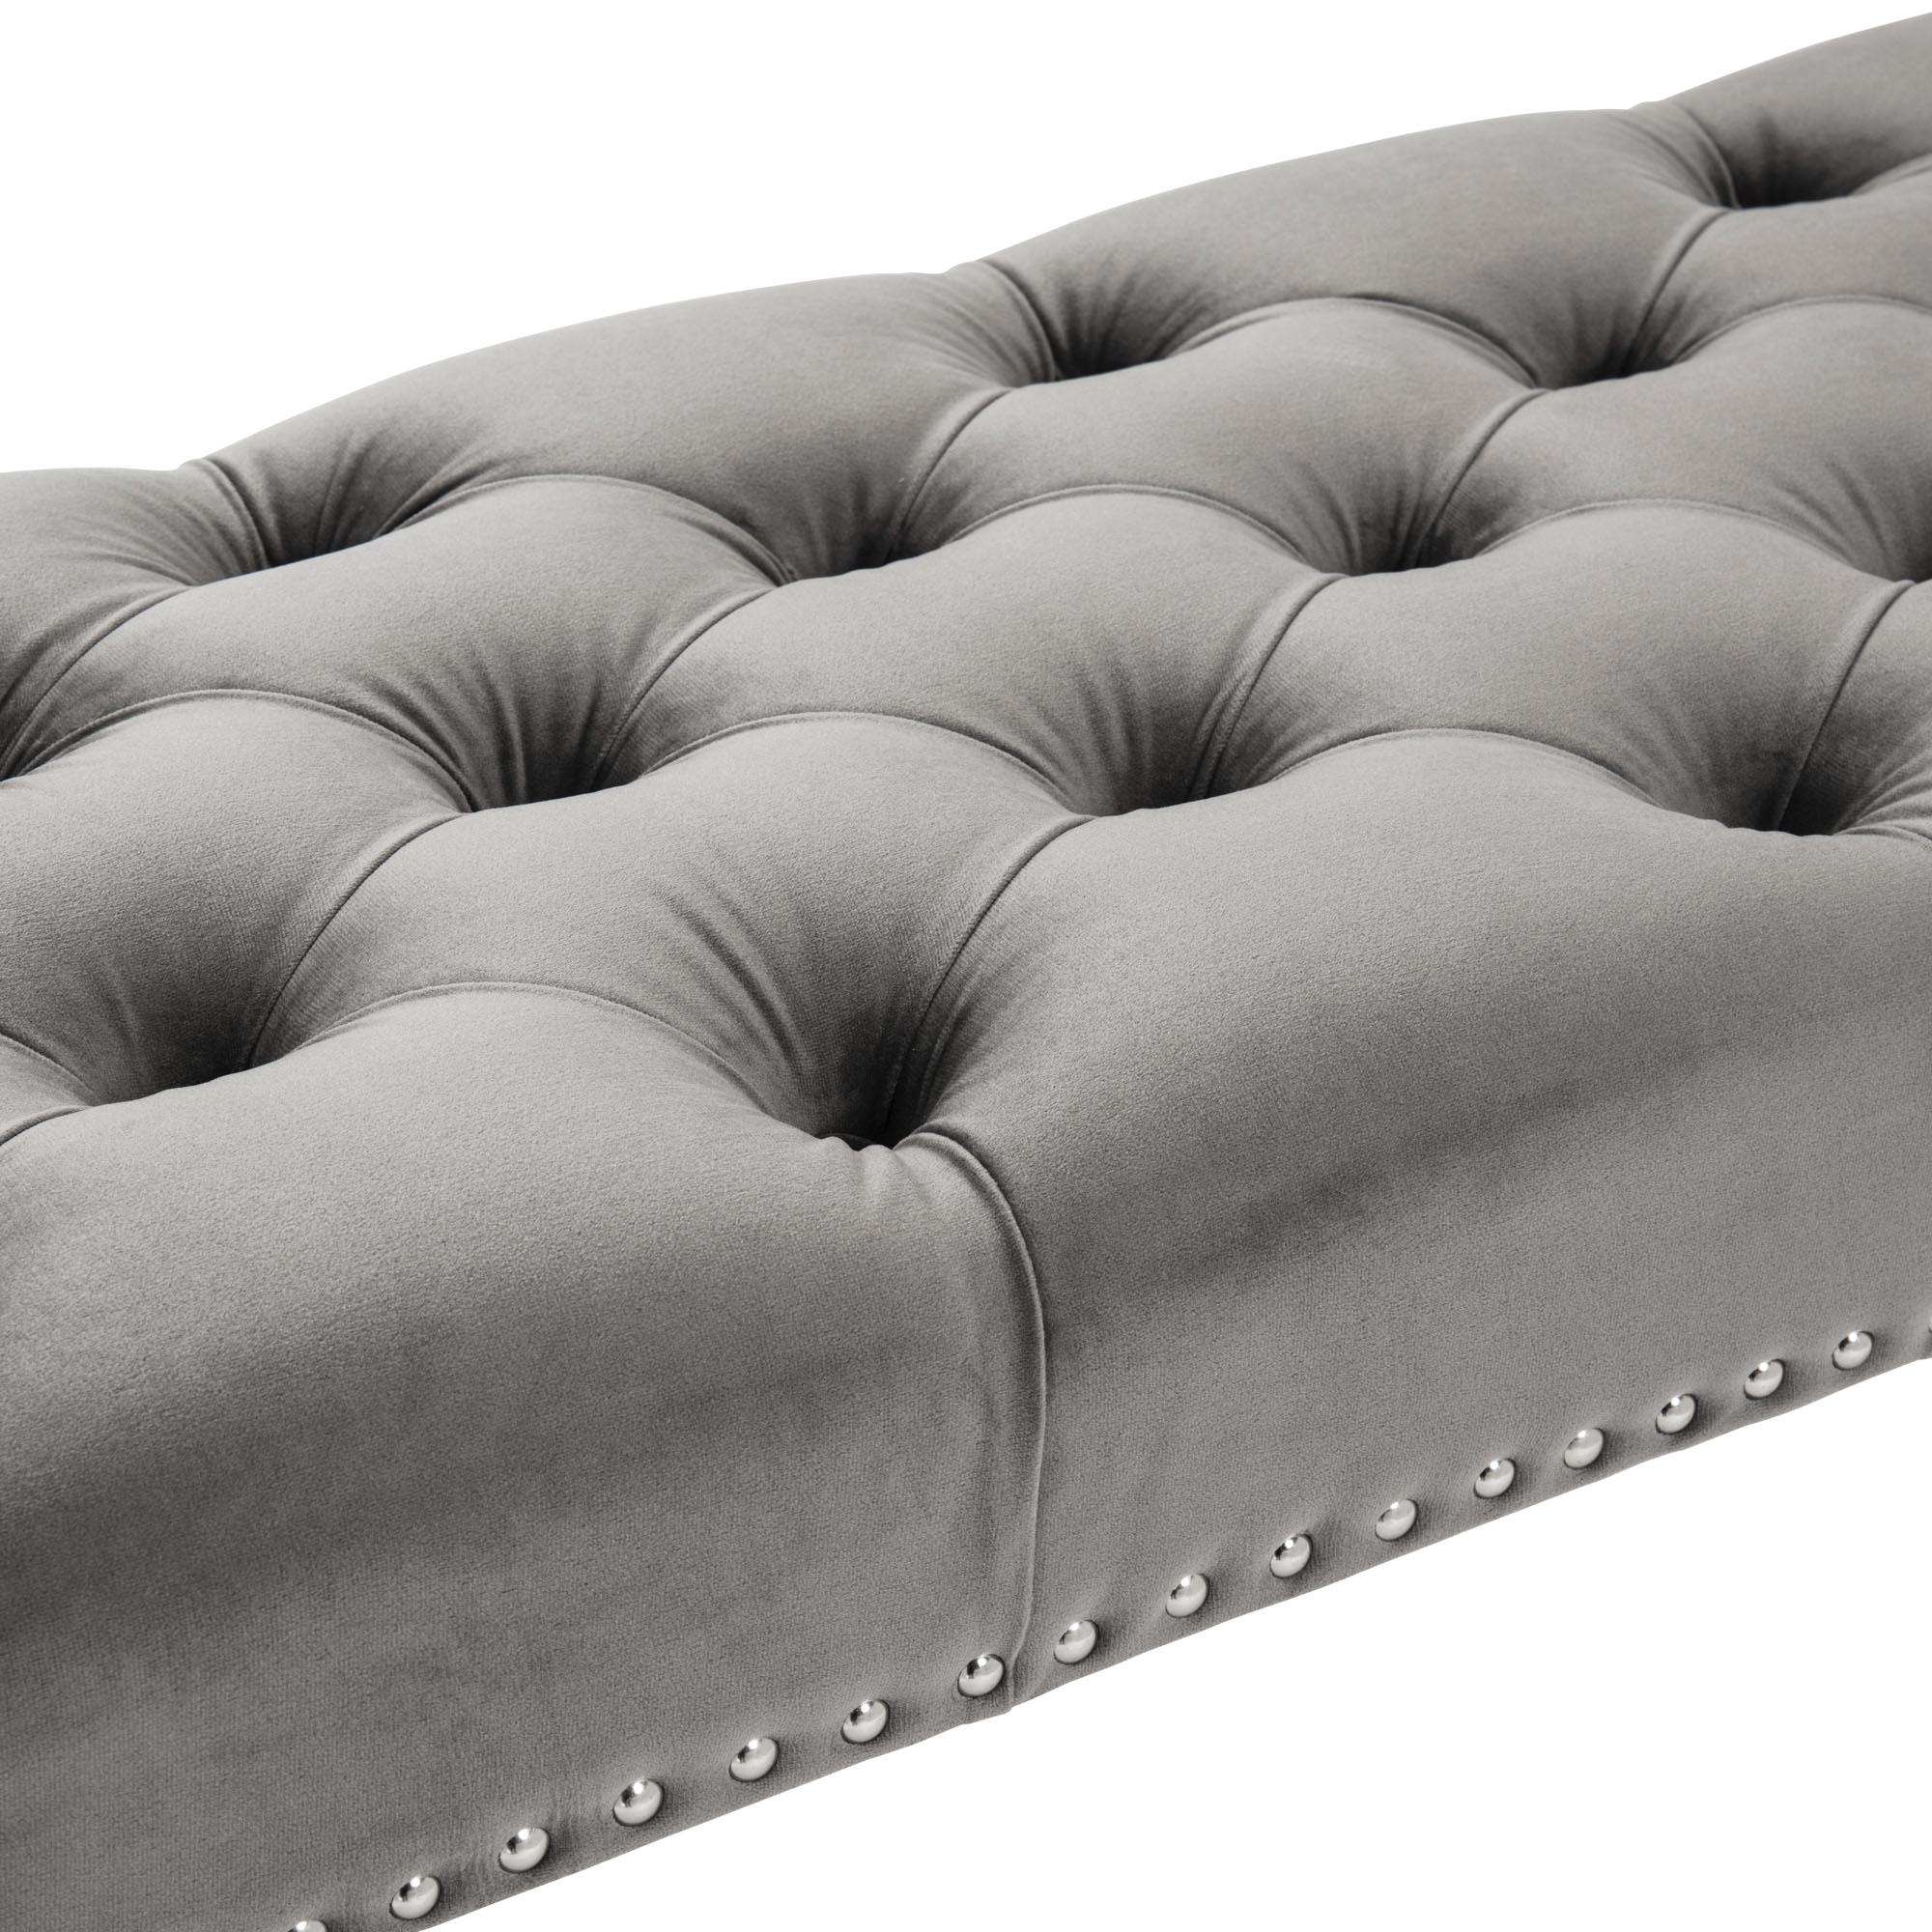 Richmond Upholstered Grey Brushed Velvet Dining Bench – Steel Legs